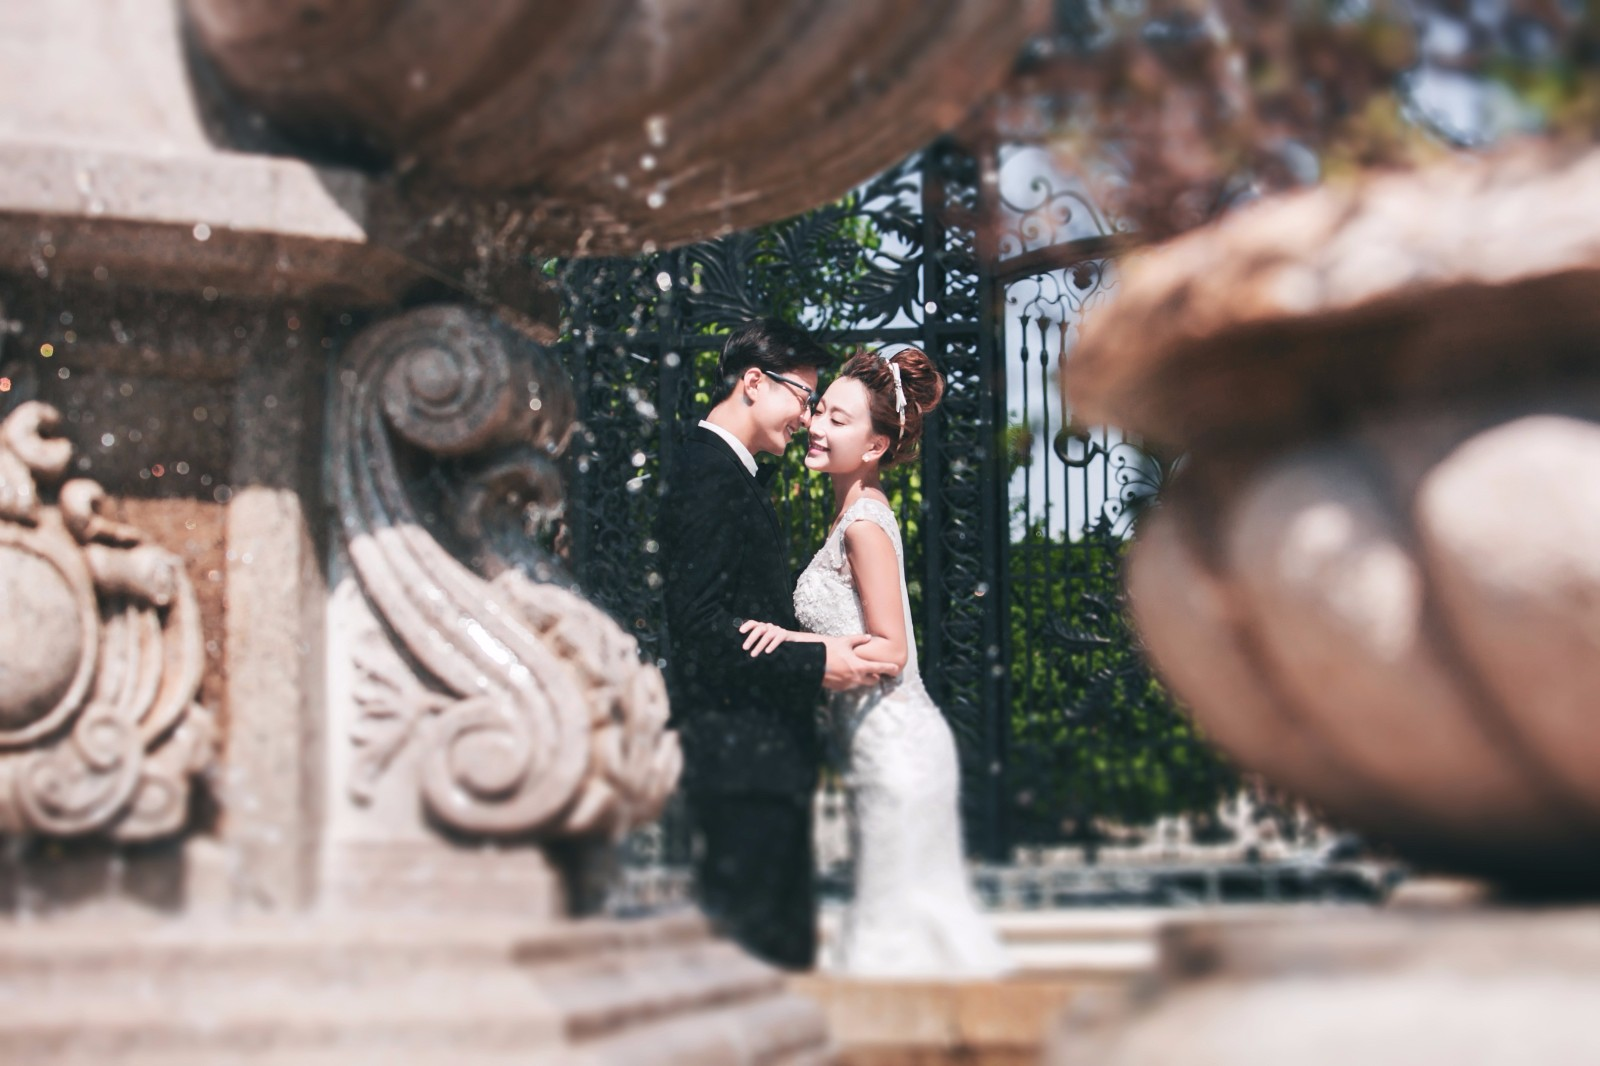 结婚时女方家长婚礼致辞该怎么说?